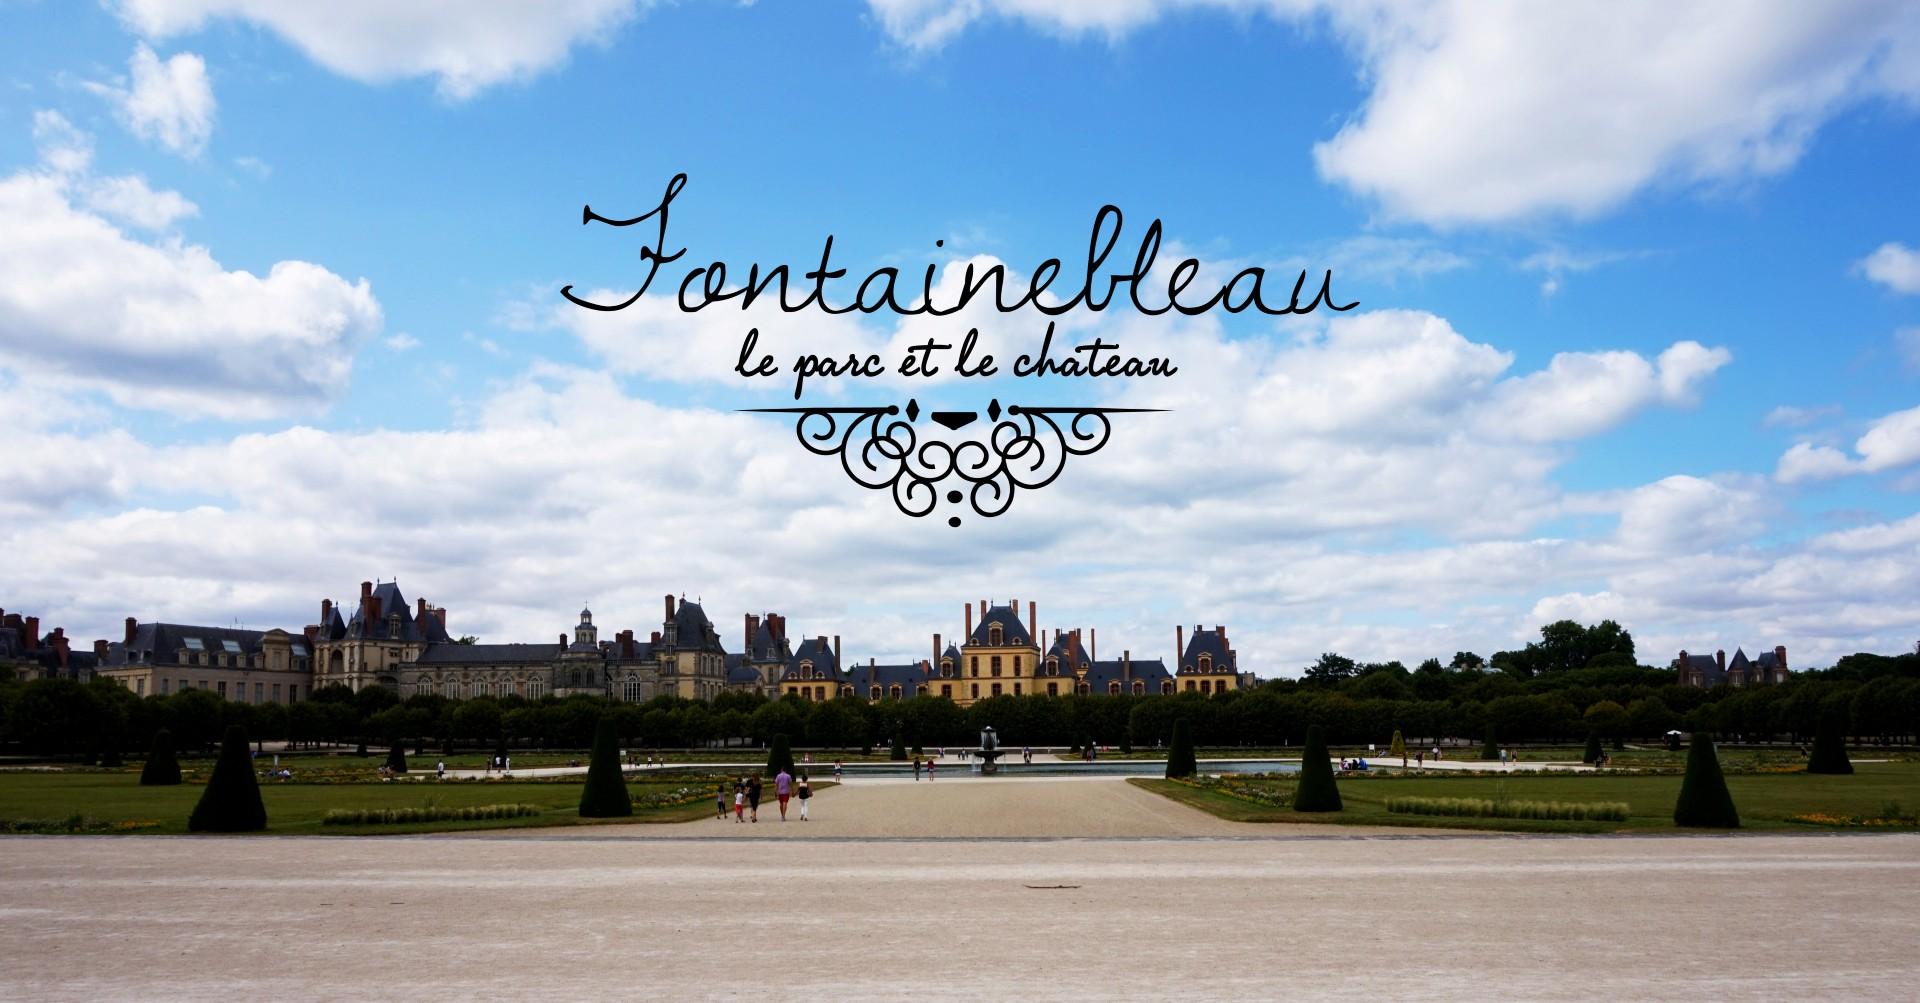 20150817_fontainebleau_chateau_parc (Large)